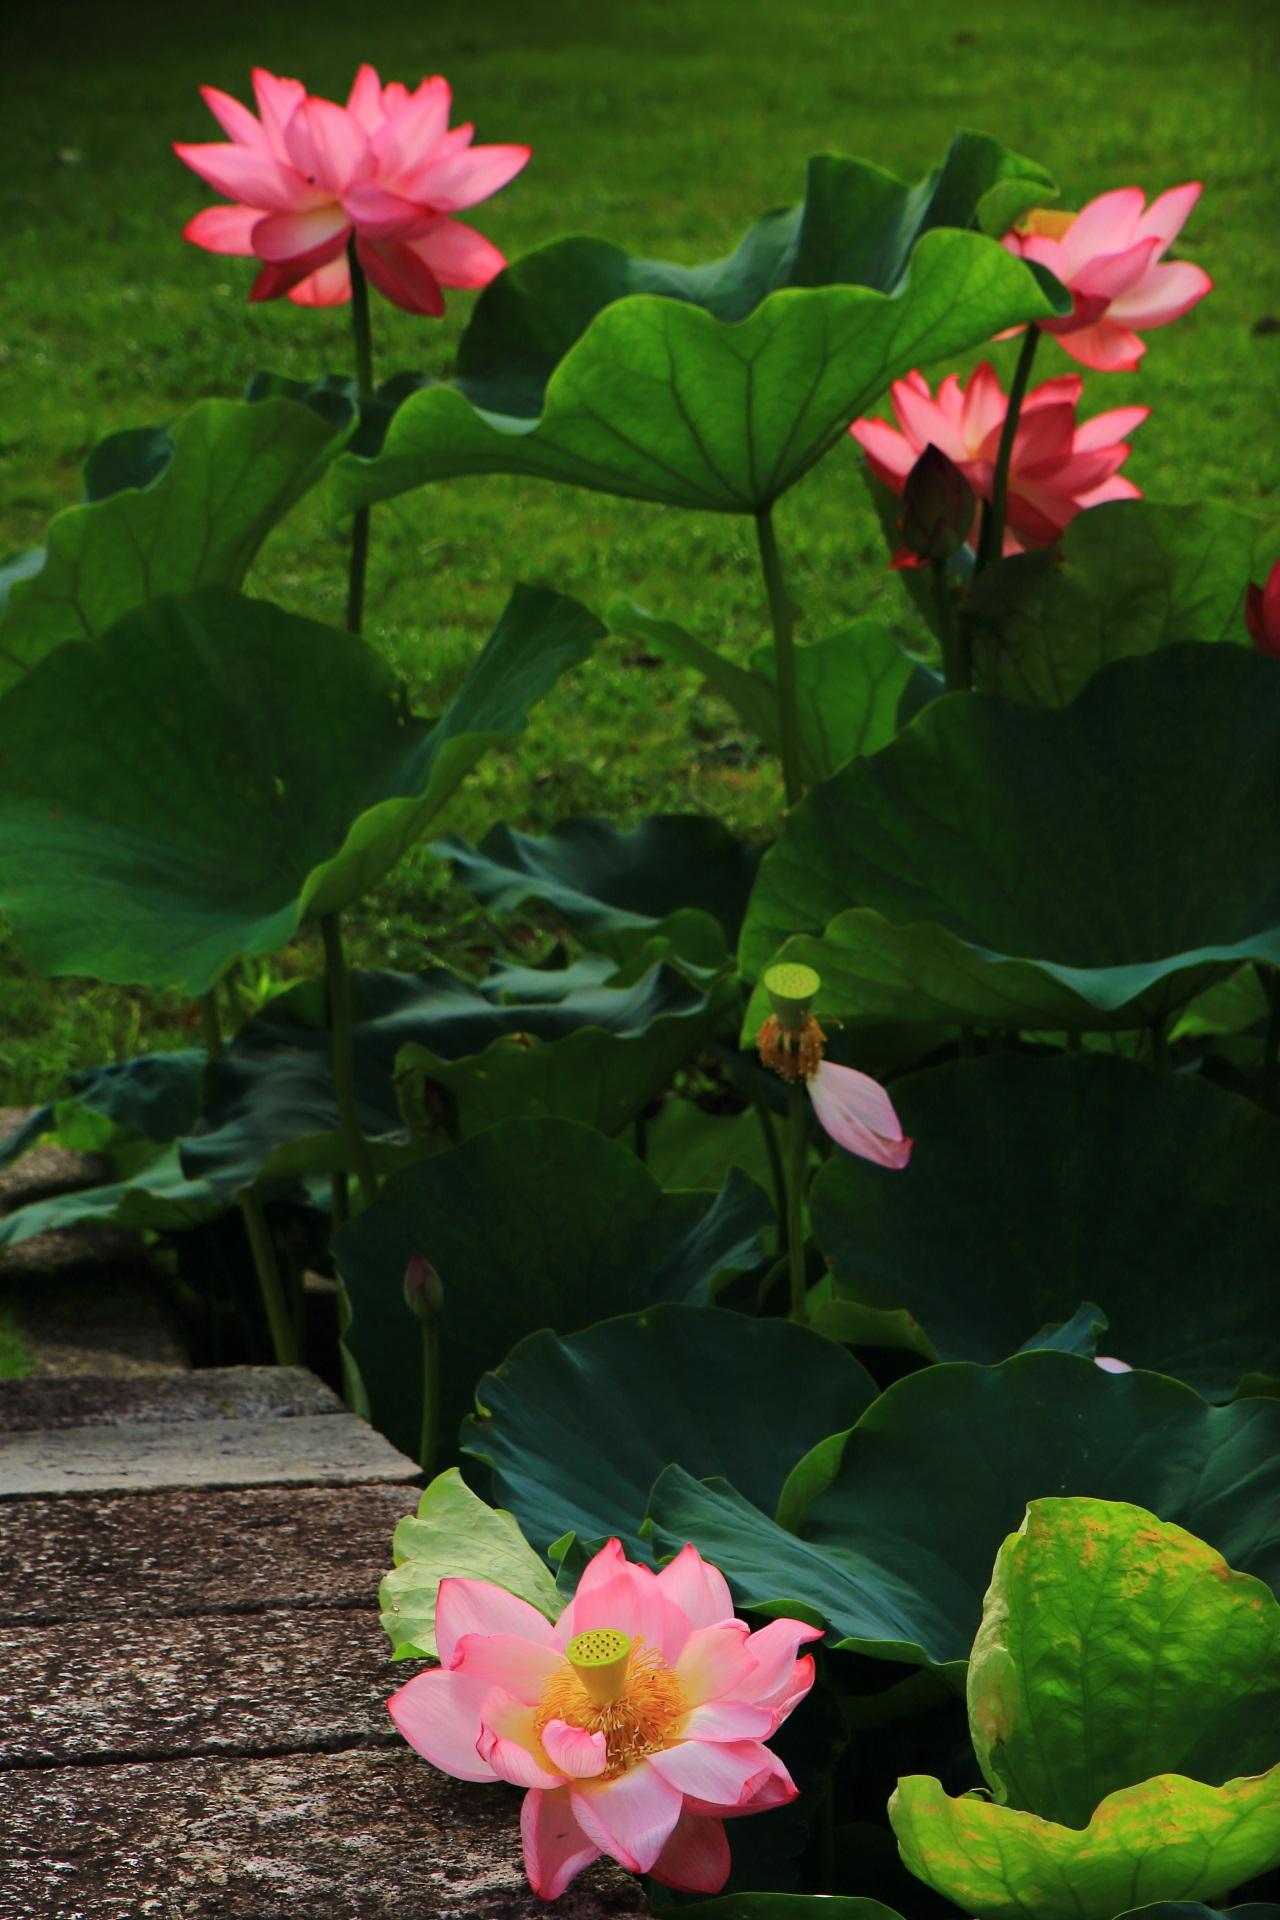 石橋の上にもたれるように咲いているはすの花